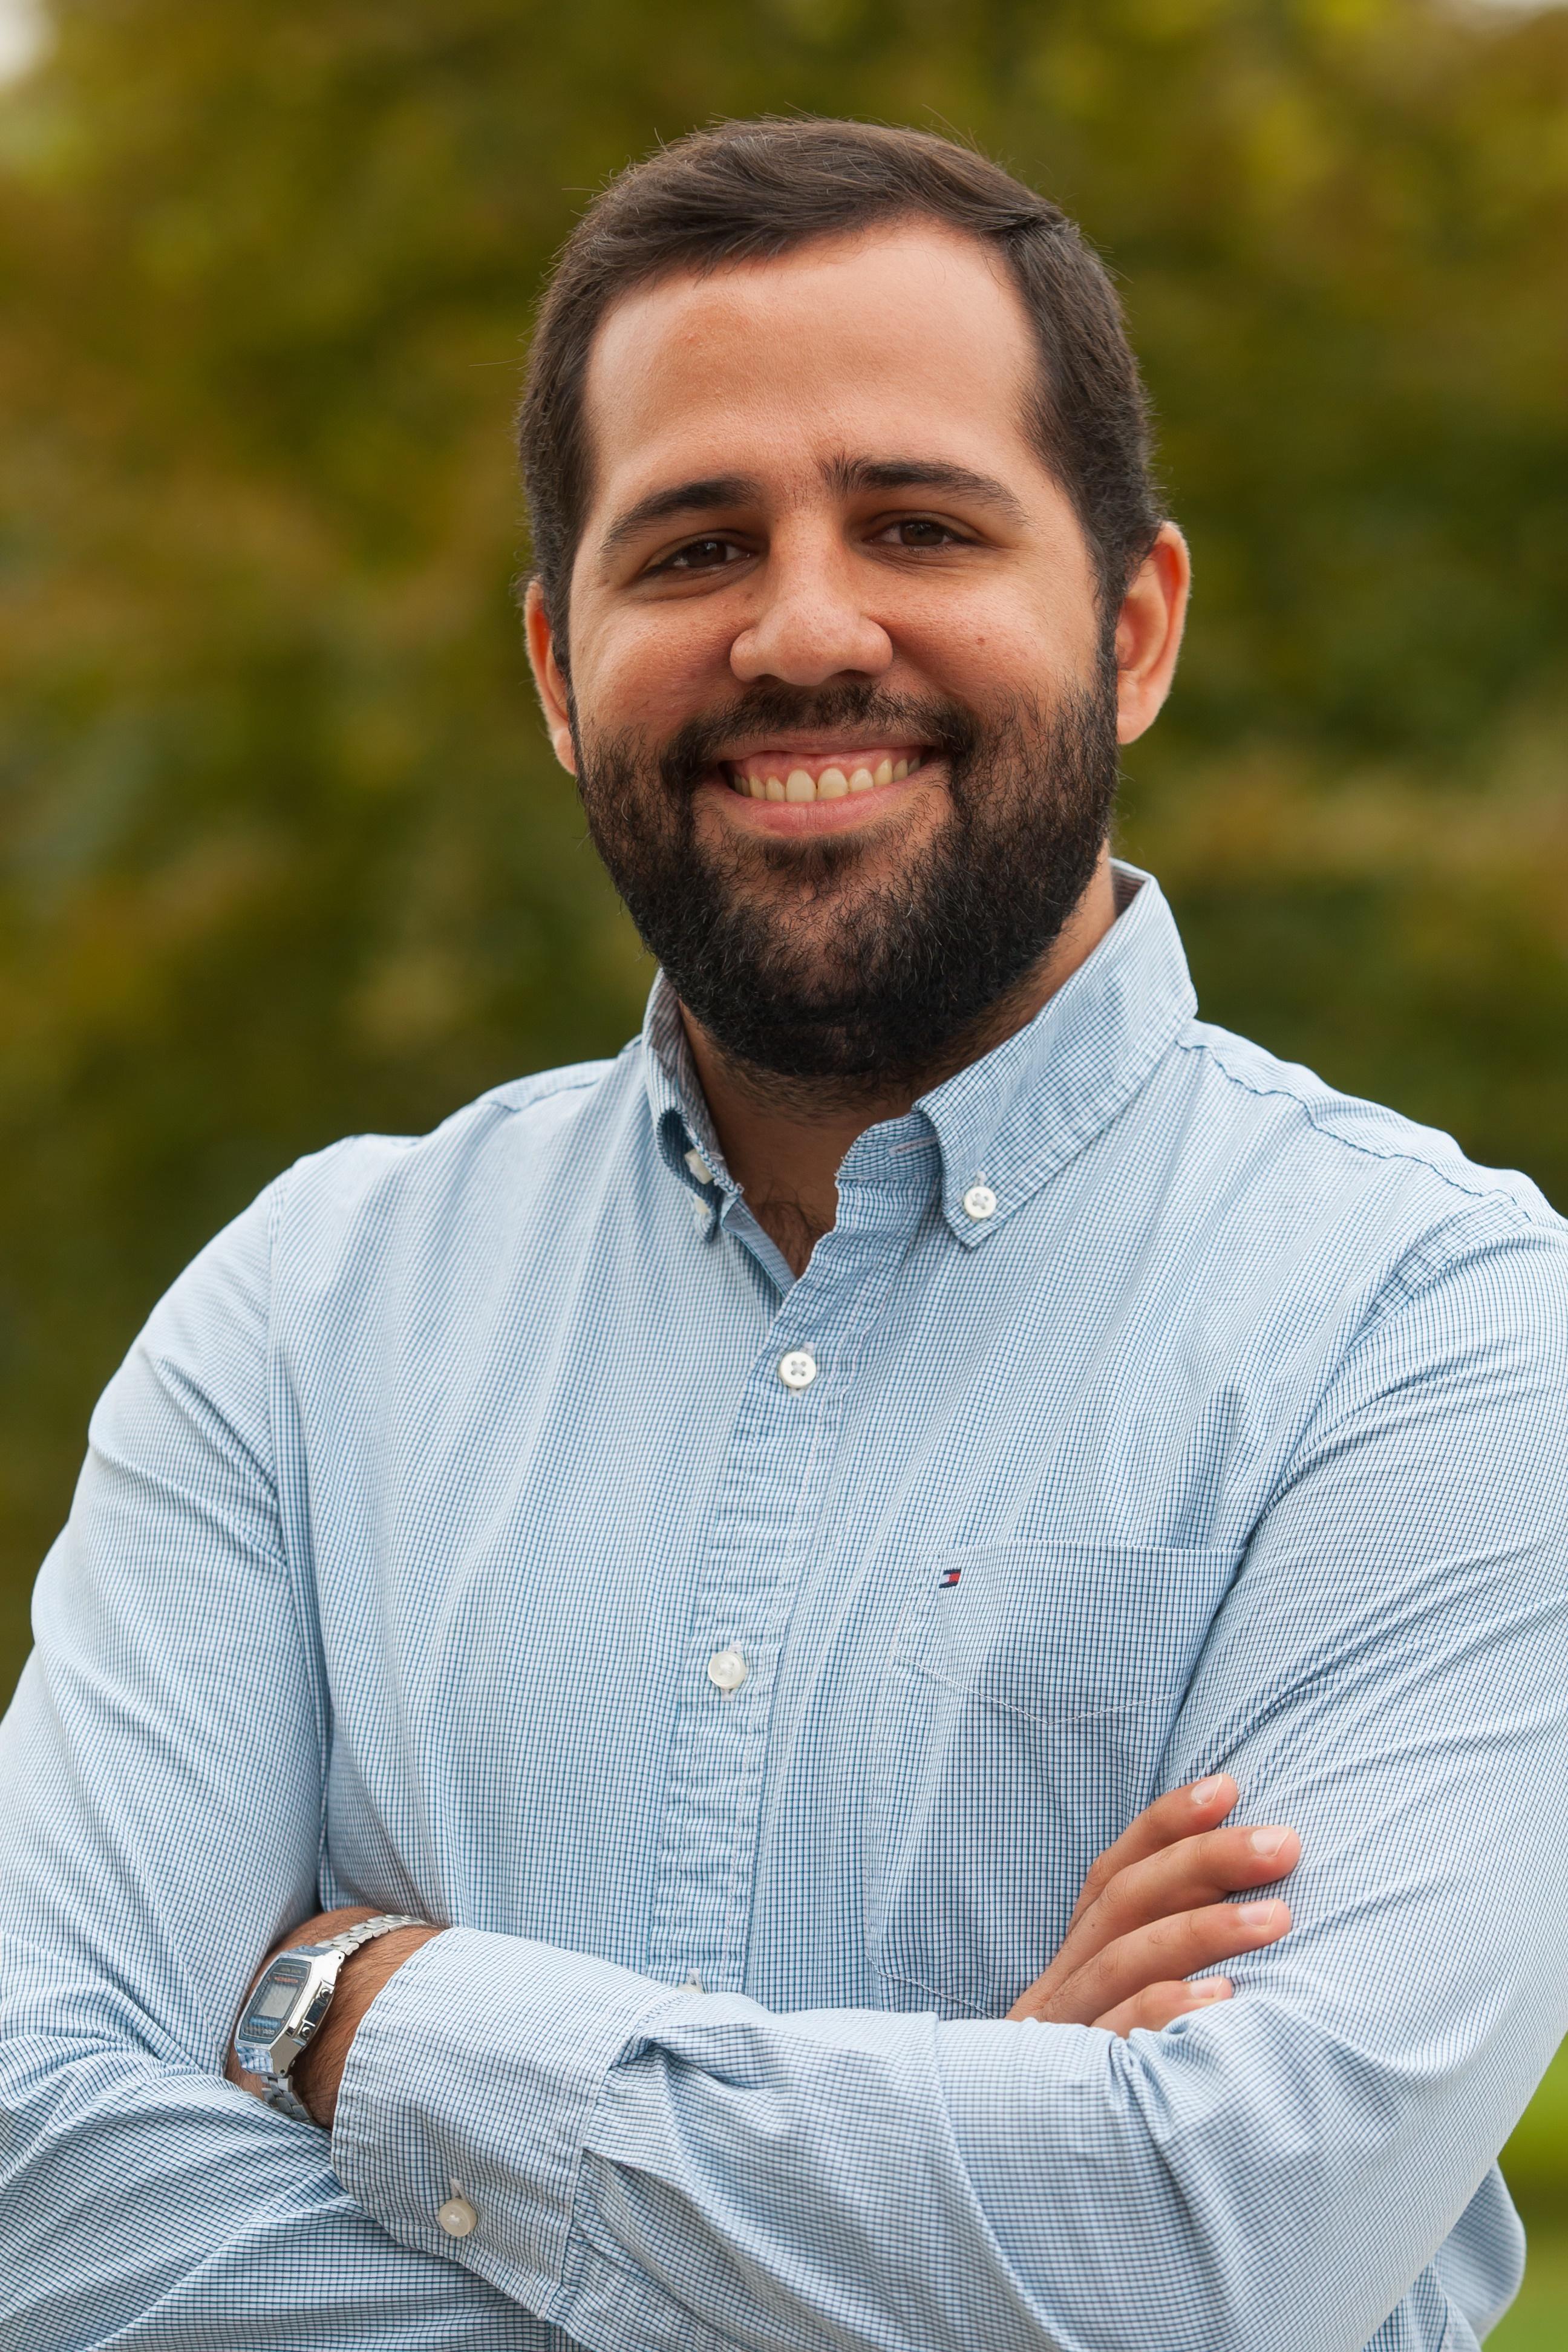 Juan Carlos Silen